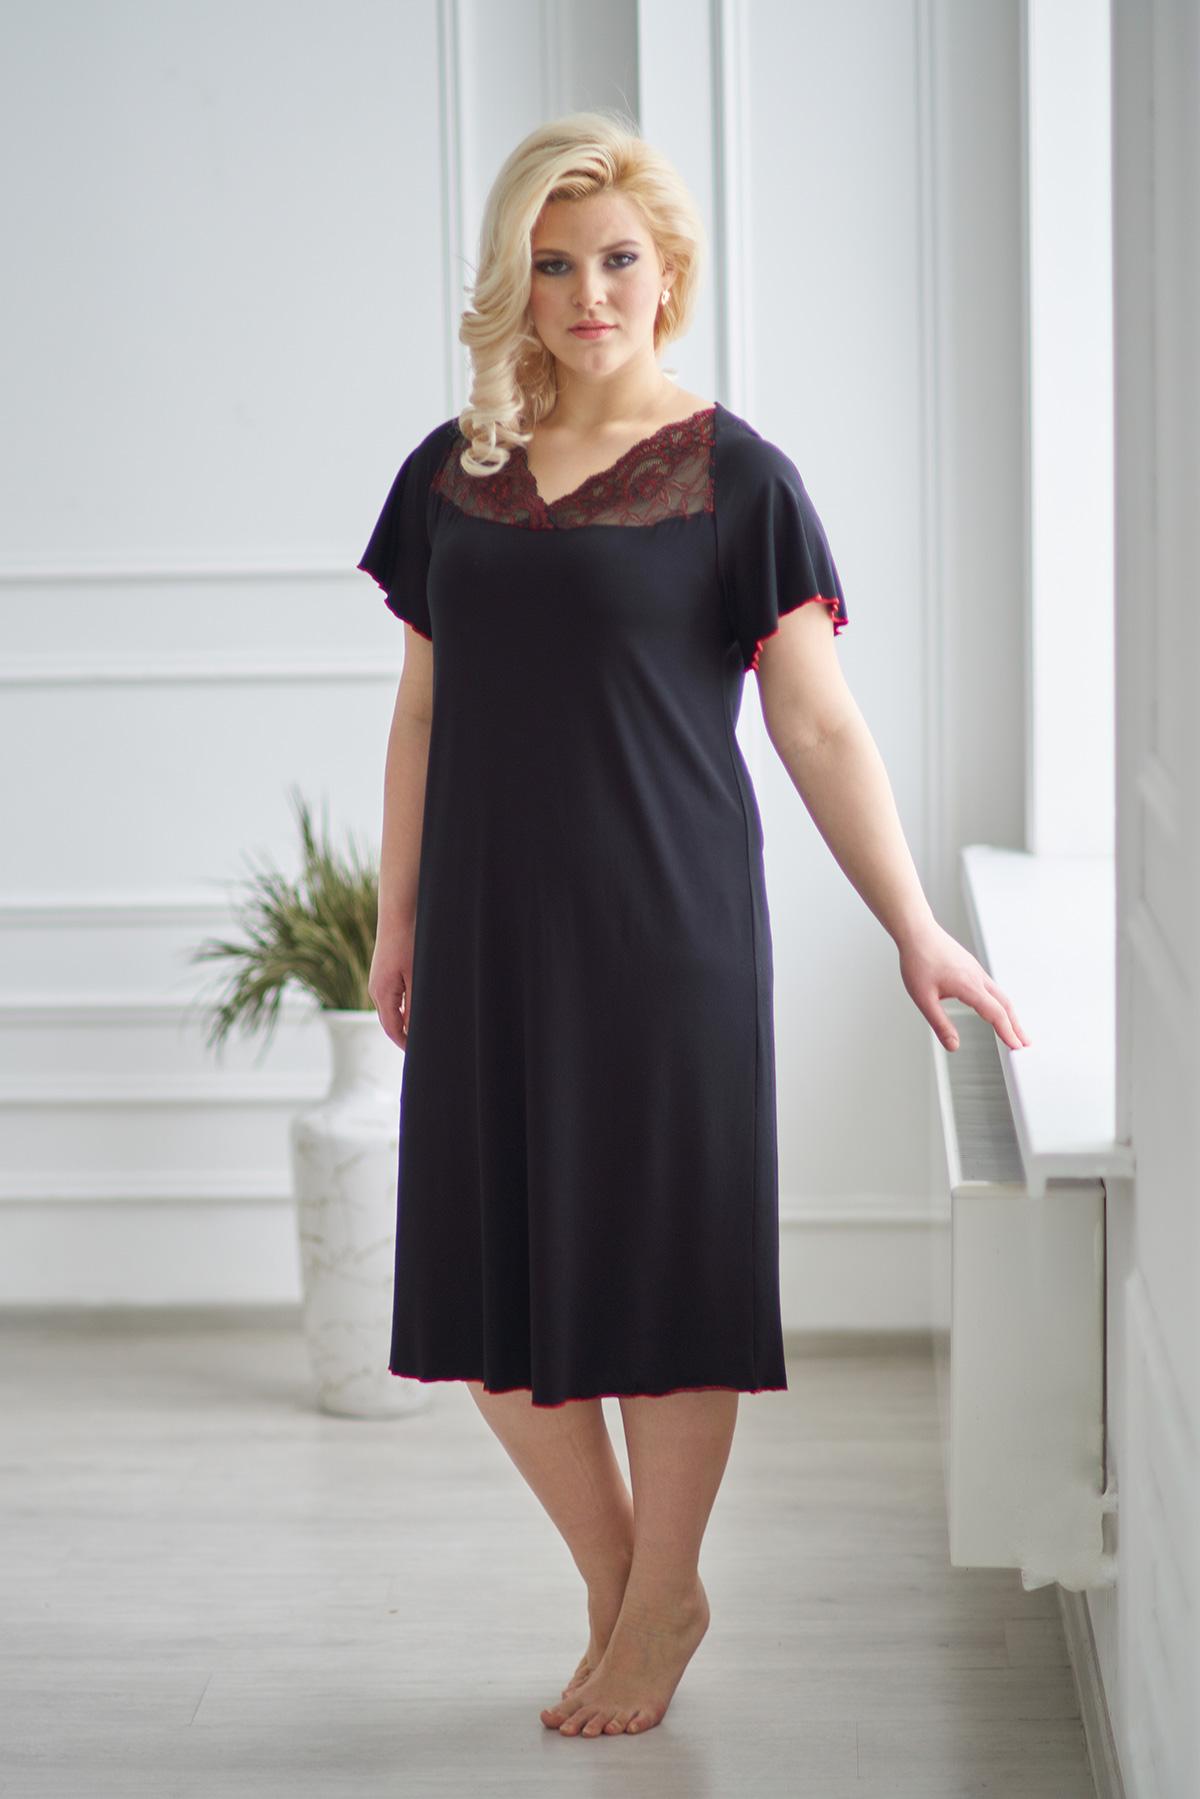 Жен. сорочка арт. 19-0053 Черный р. 52Ночные сорочки<br><br><br>Тип: Жен. сорочка<br>Размер: 52<br>Материал: Вискоза